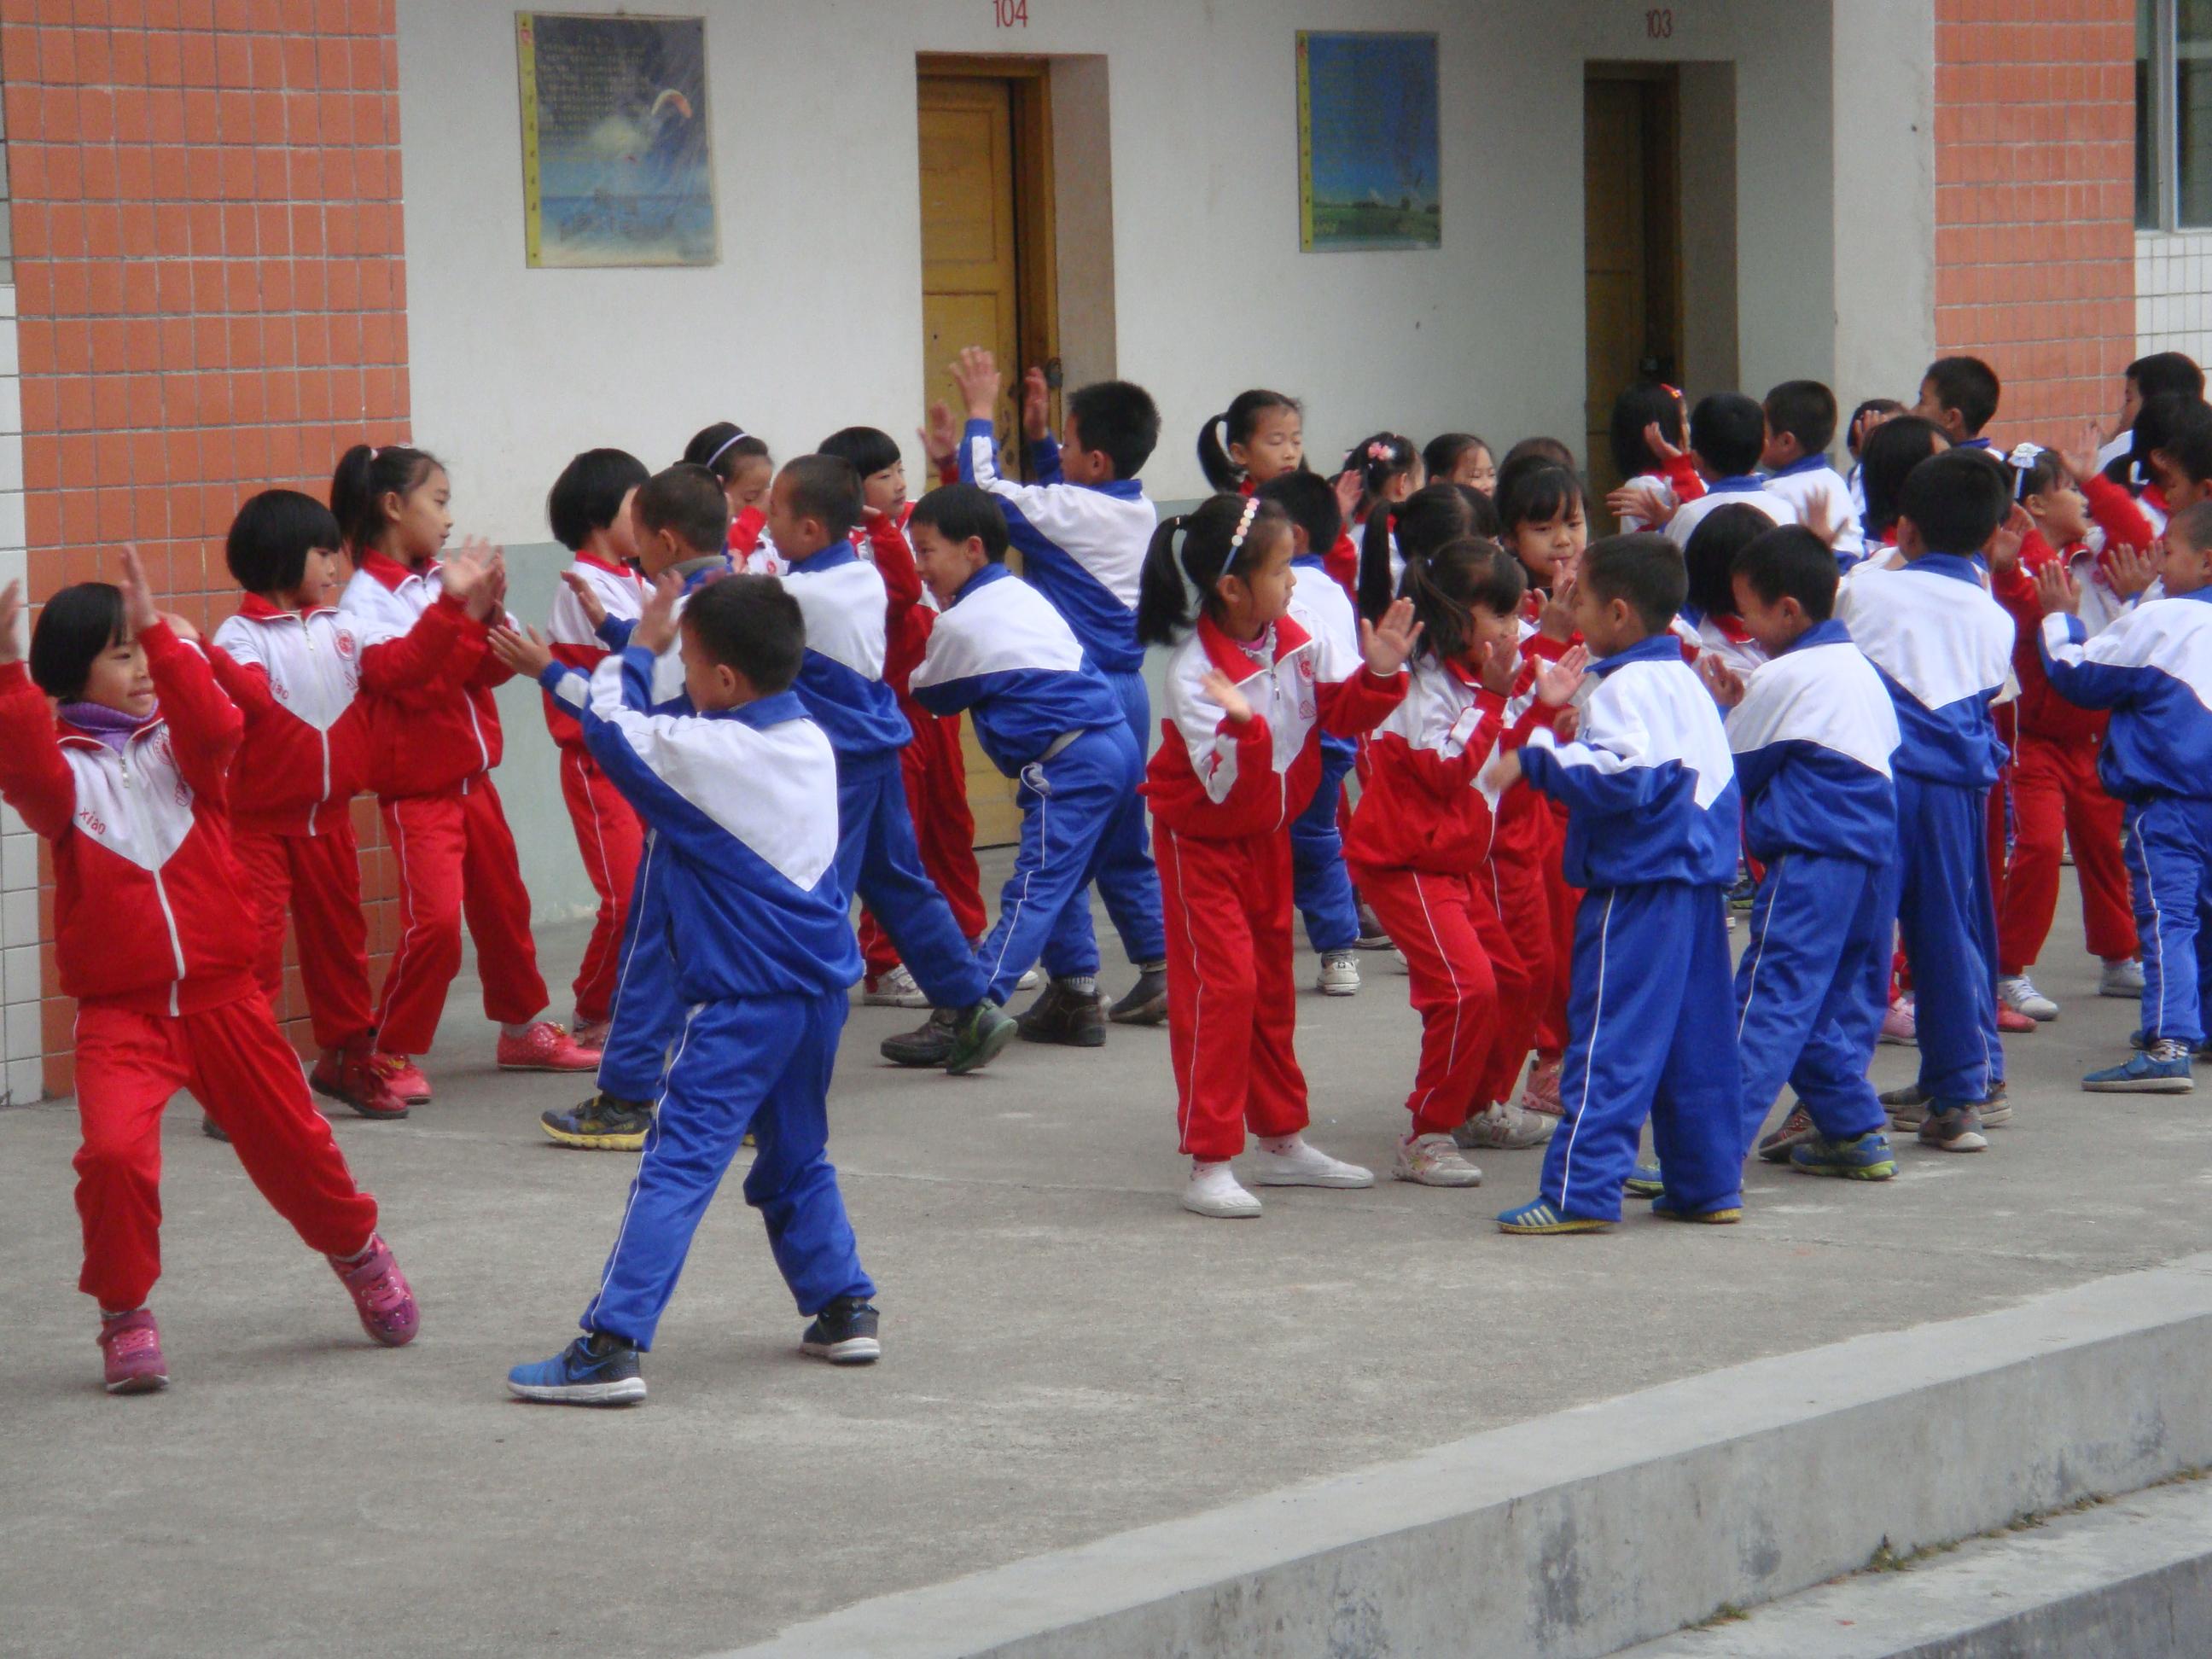 小学�y.bz(�ZJ~XZ_蛟洋中心小学校园集体舞比赛照片